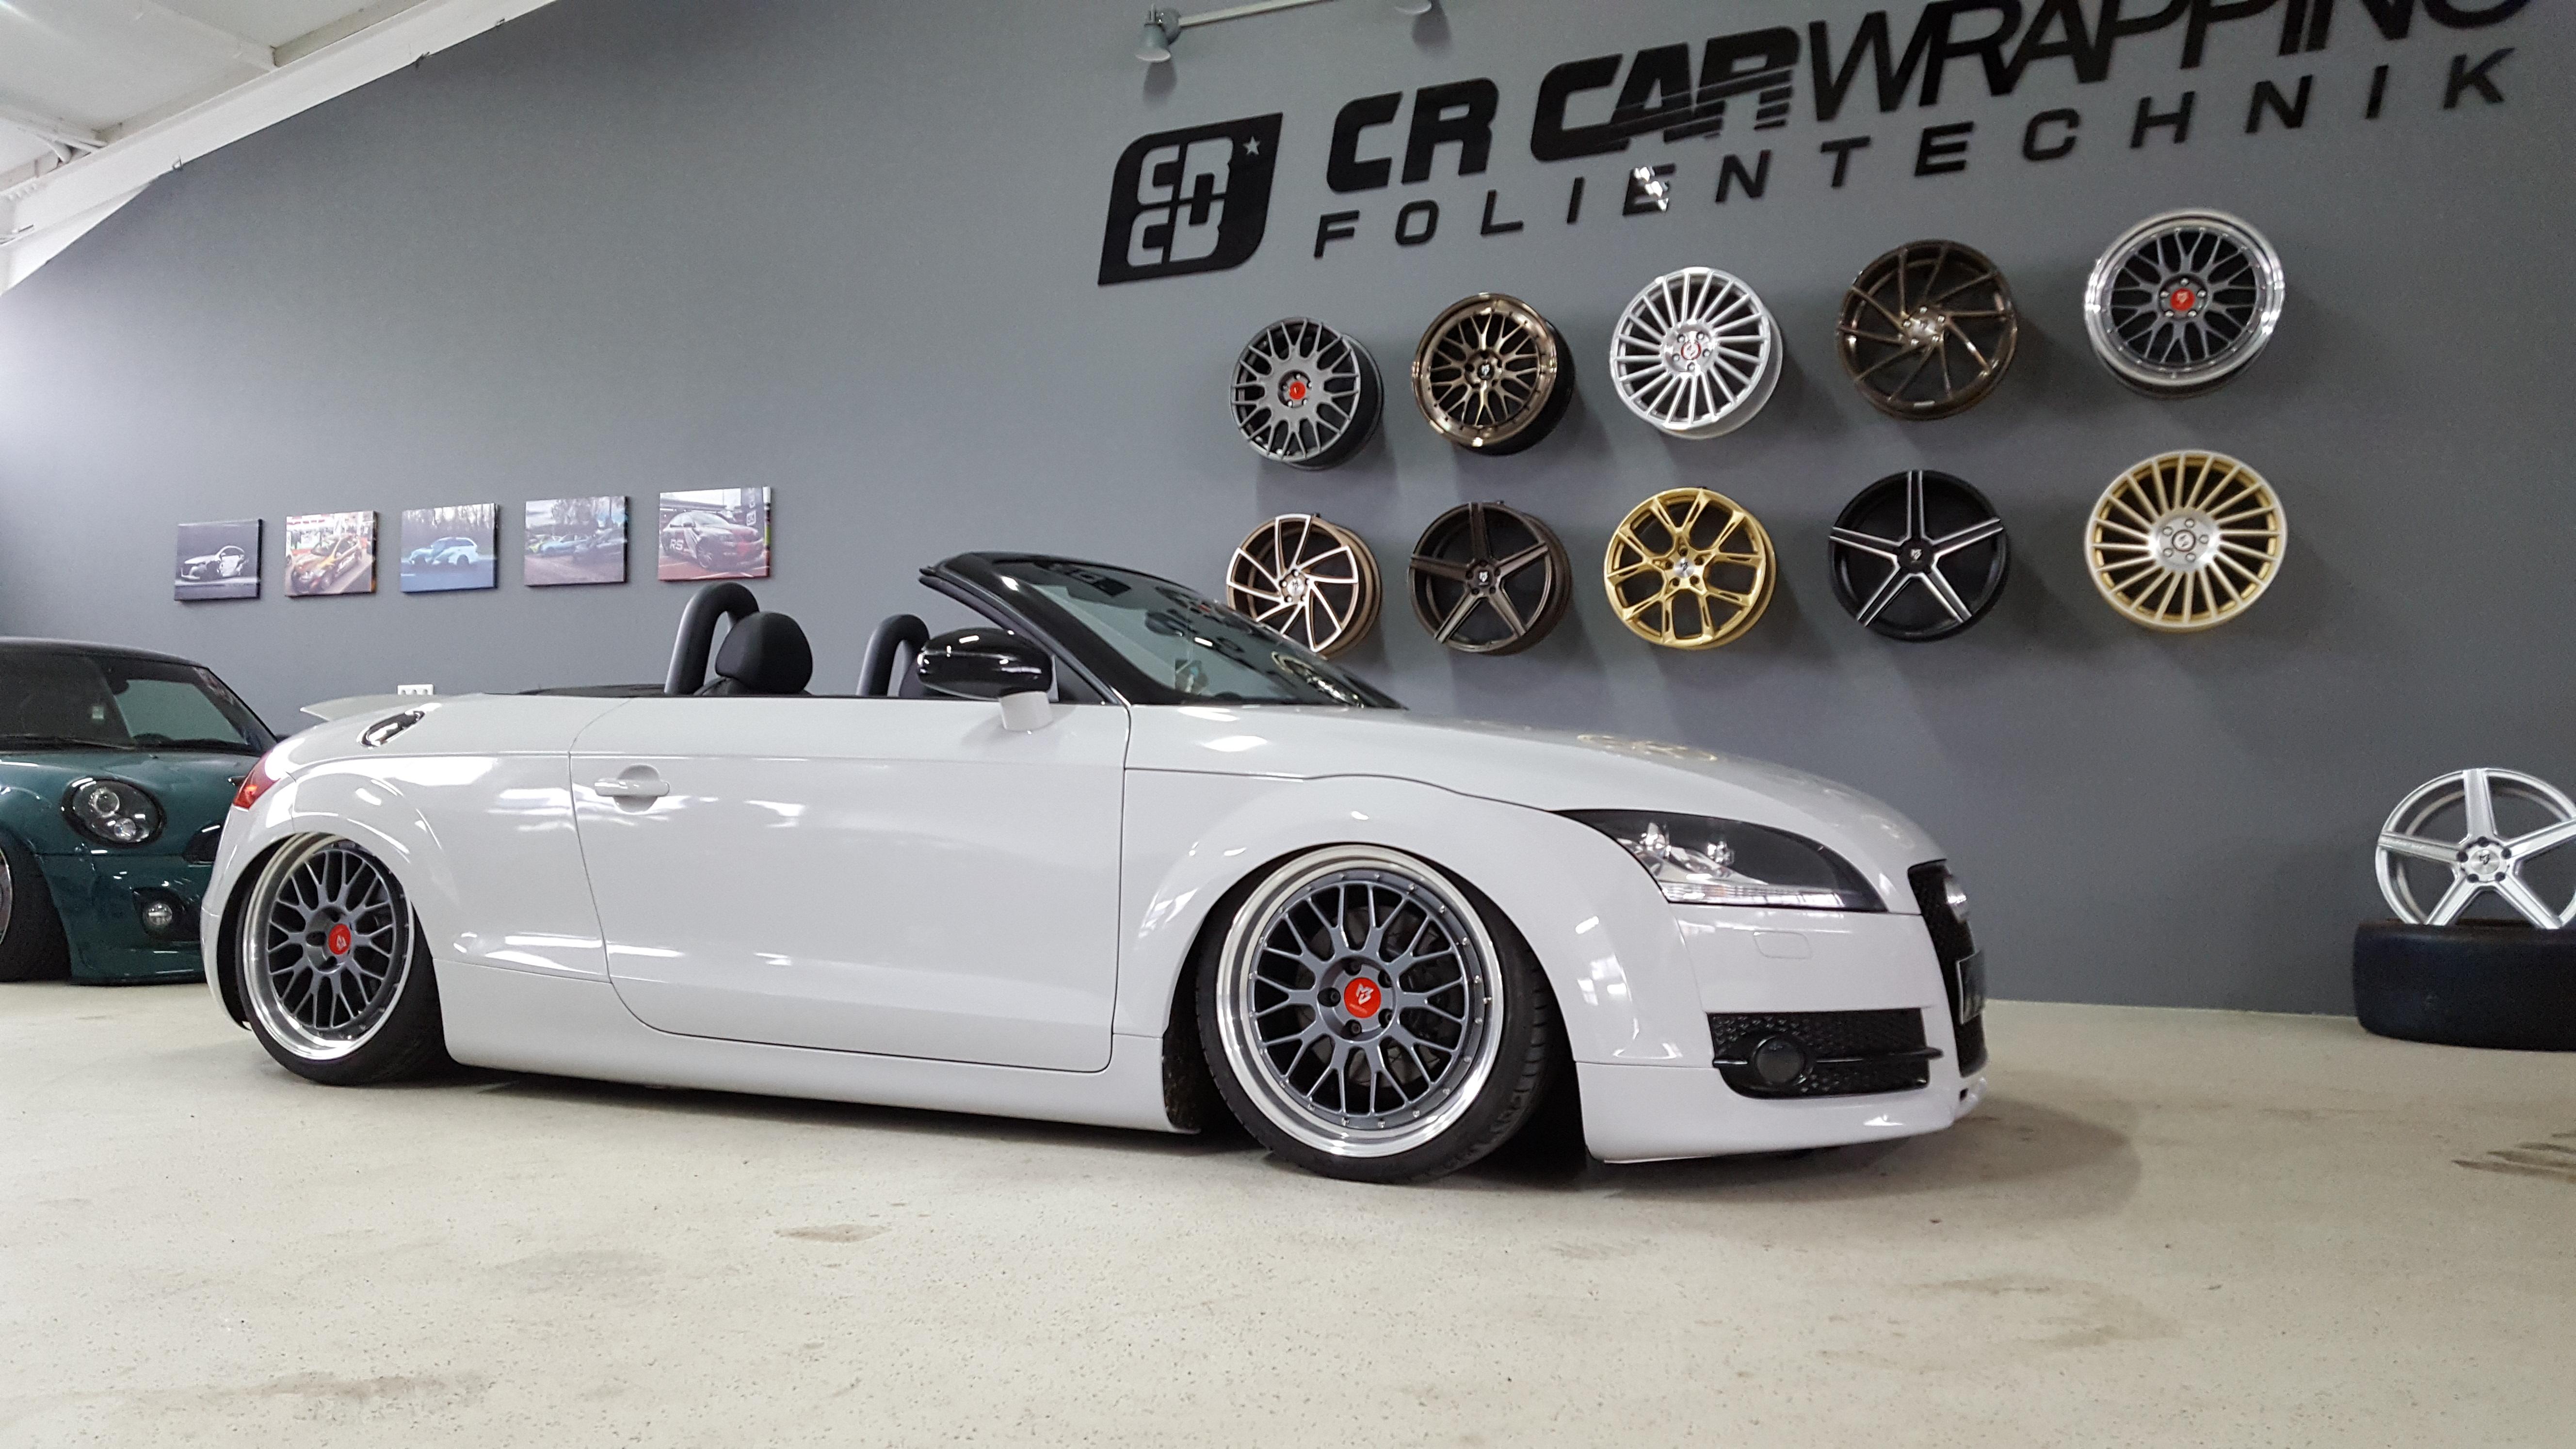 Audi TT Vollfolierung weiß folierung würzburg